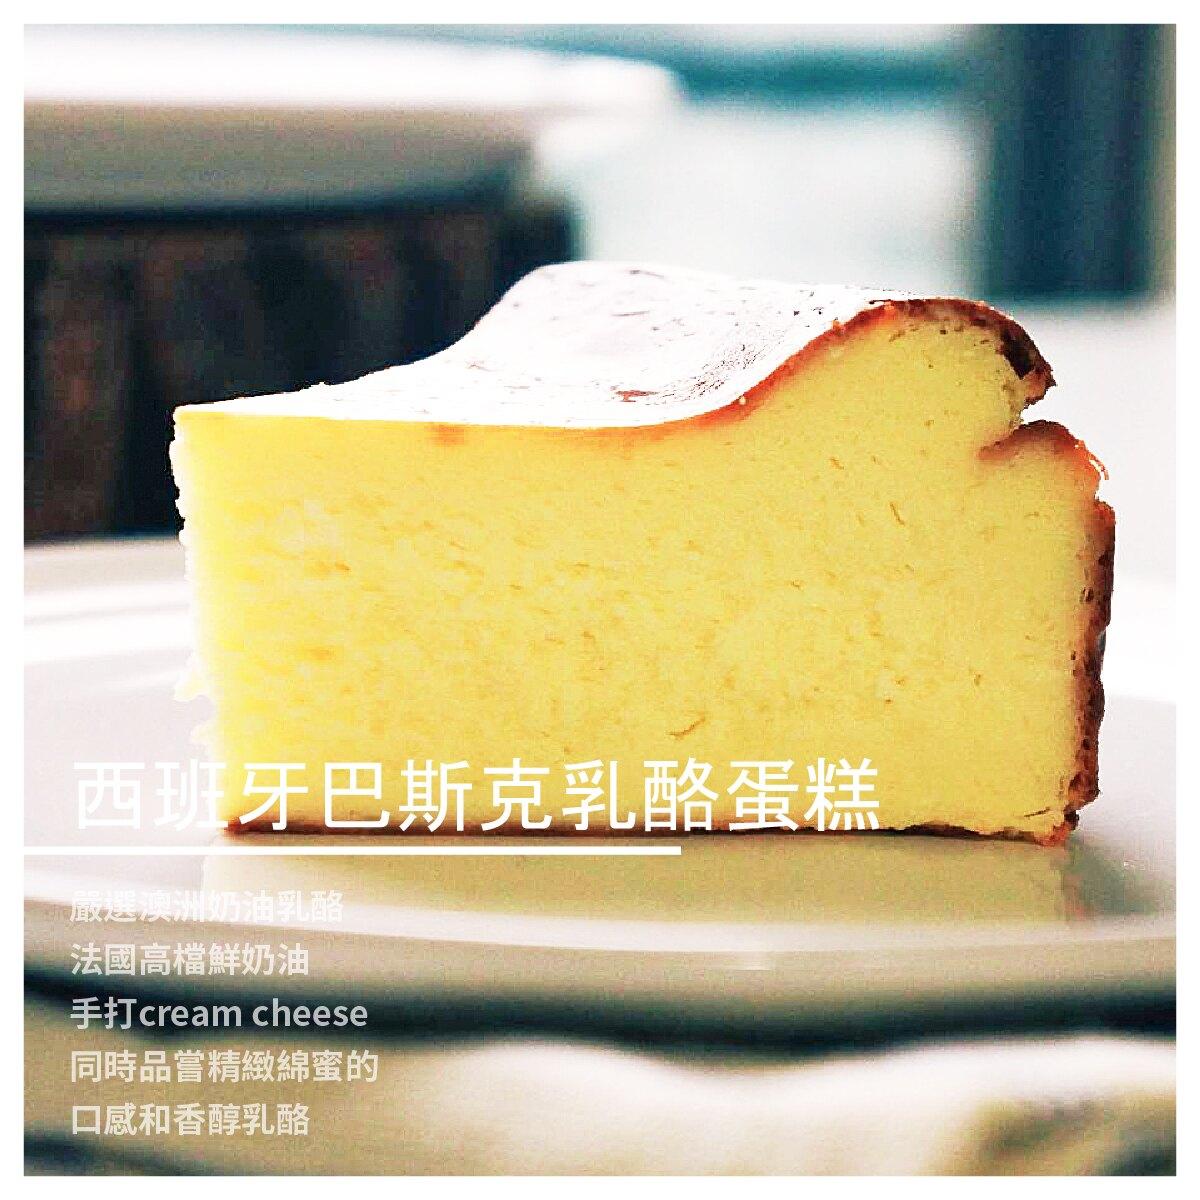 【鮮日嚐四季餐桌料理】西班牙巴斯克乳酪蛋糕/6吋